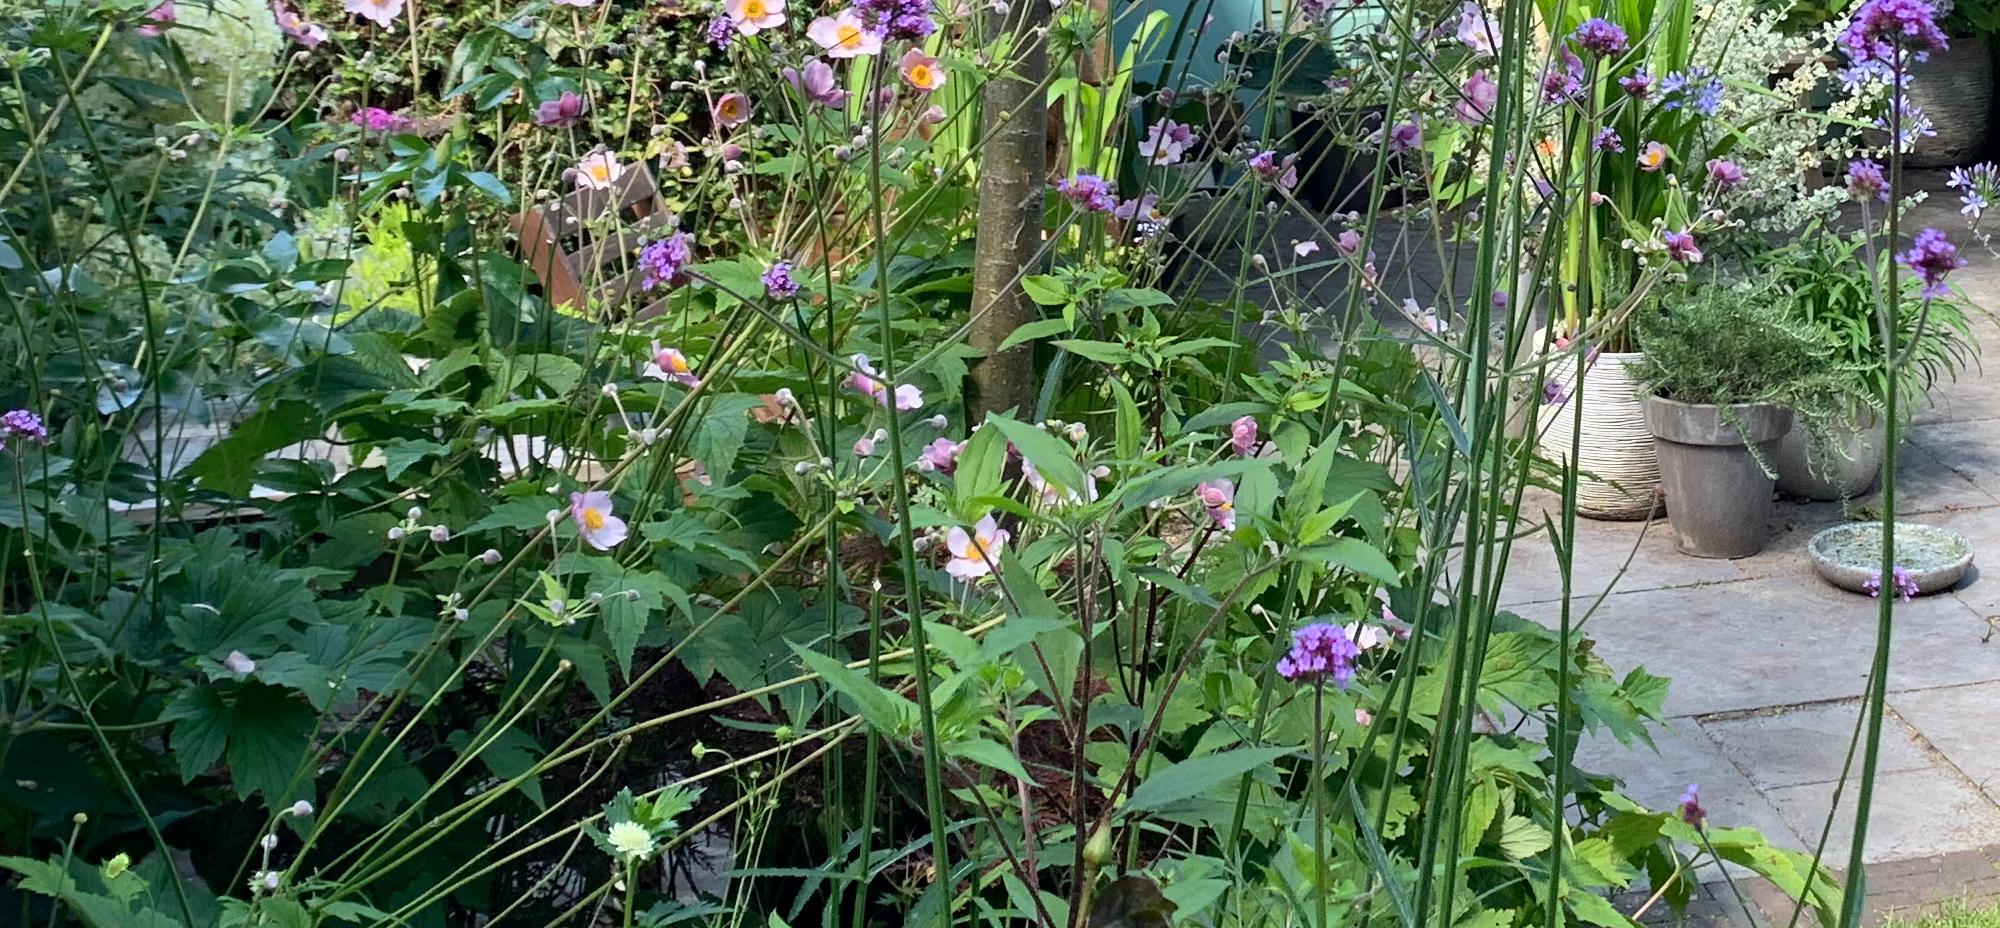 Een tuin die bloeit en boeit. Van het vroege voorjaar tot het late najaar.